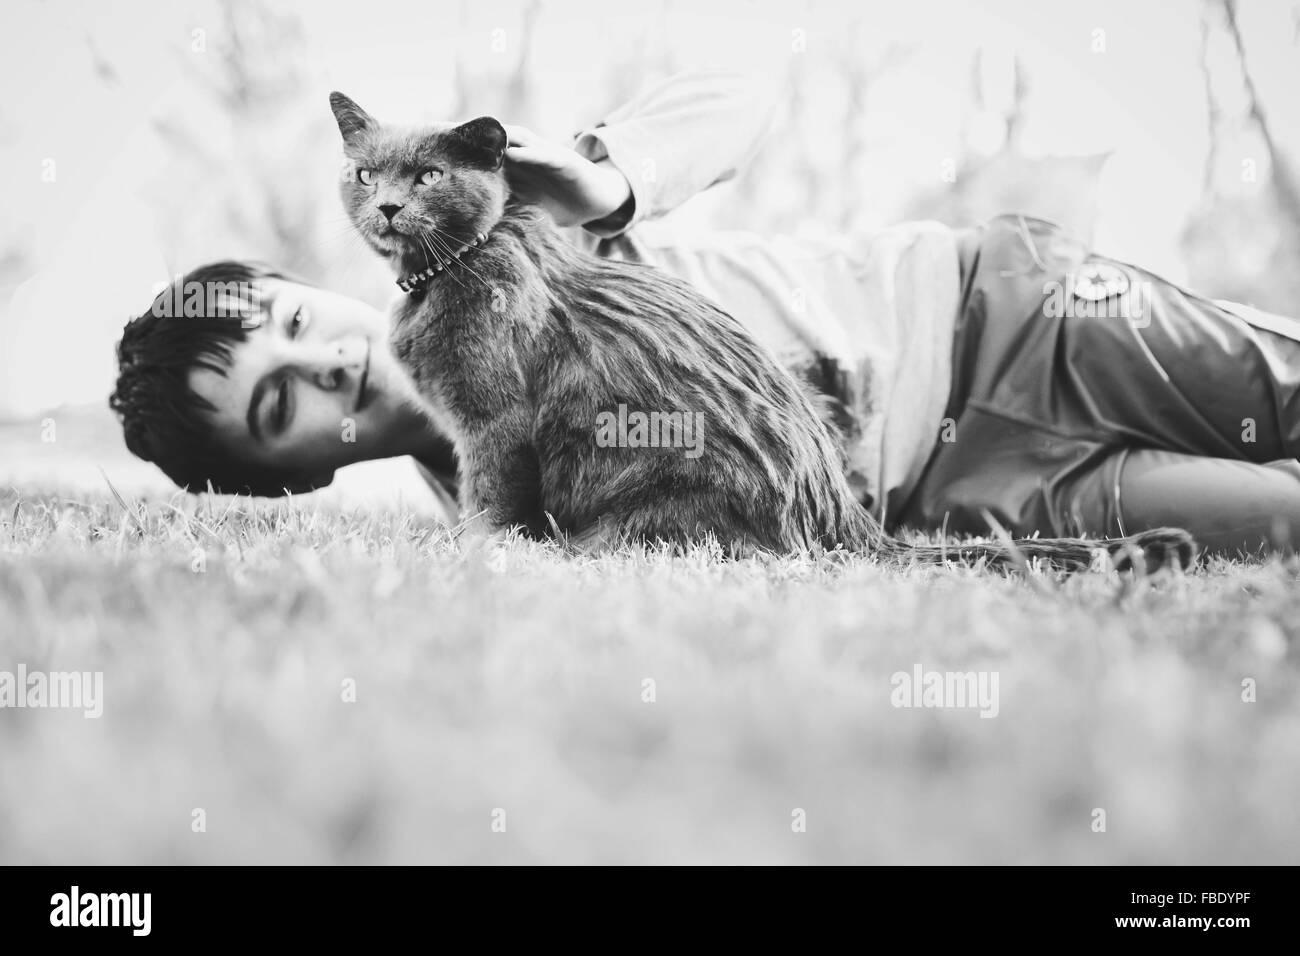 Niño acostado sobre el césped con cat. Imagen De Stock